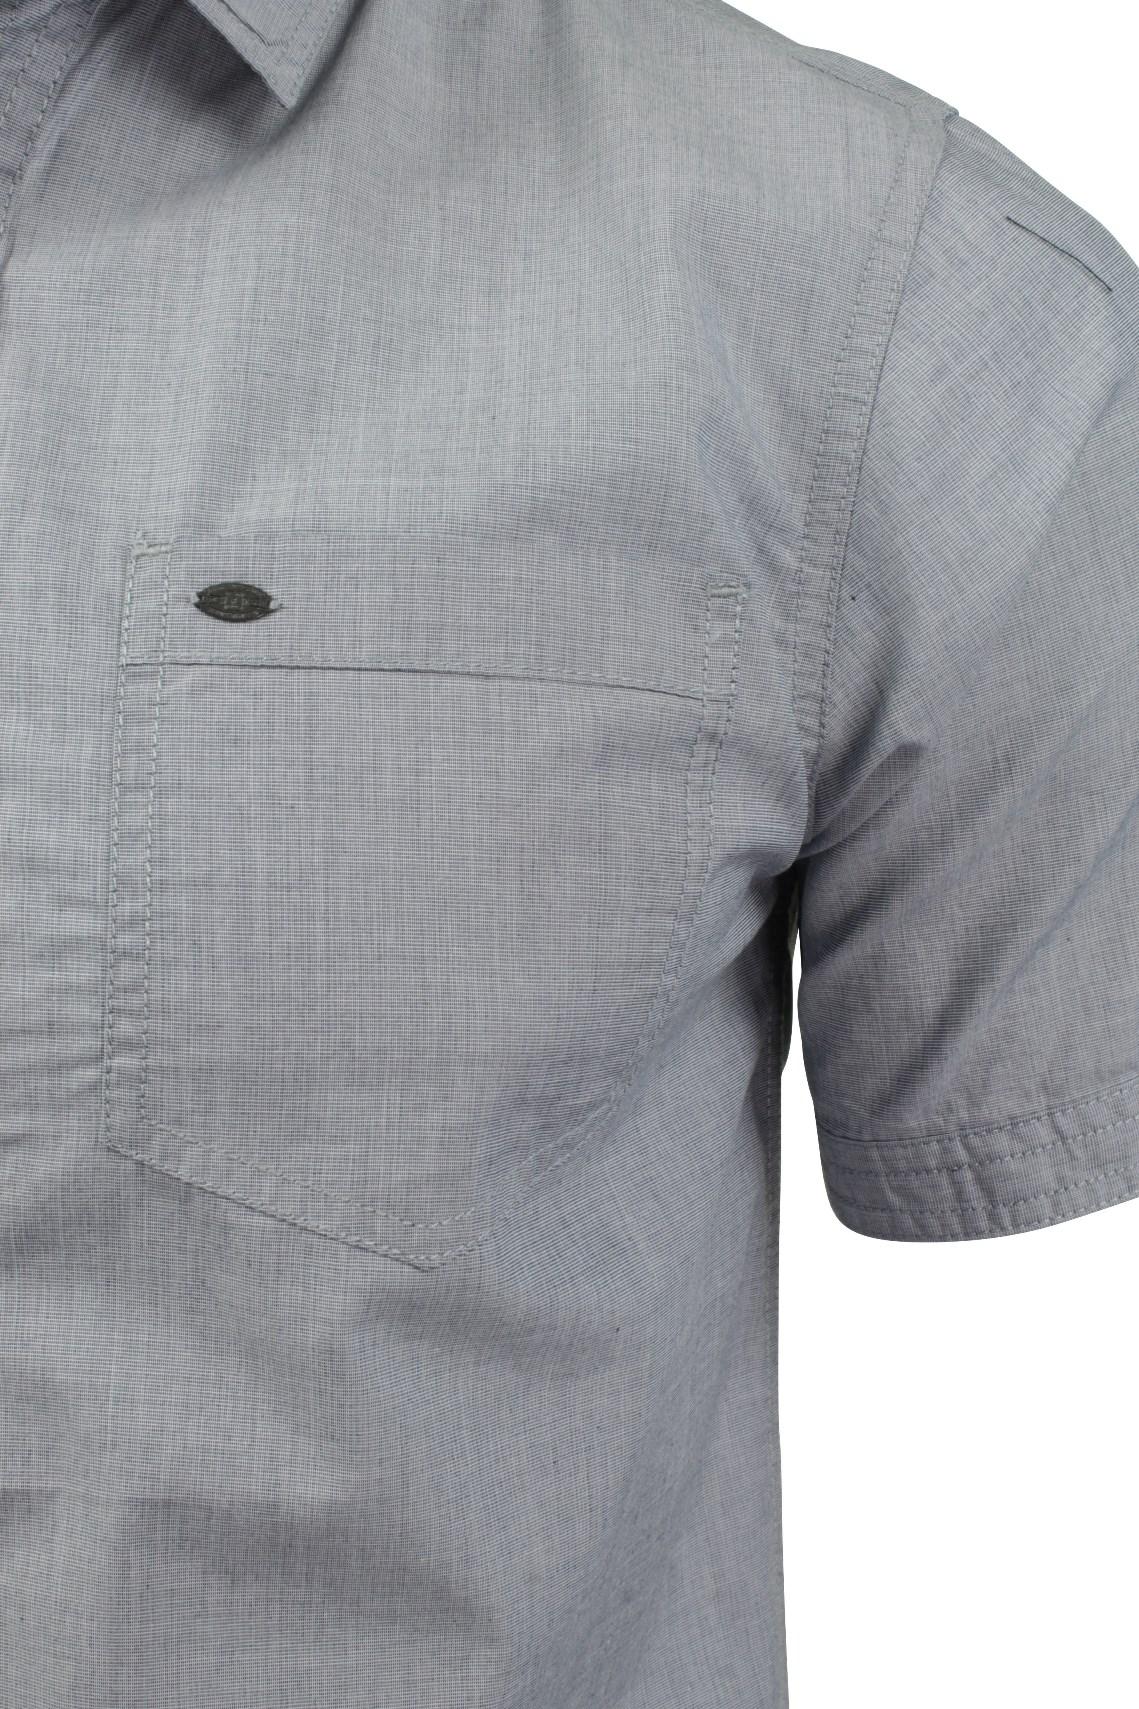 Mens-Shirt-by-Tokyo-Laundry-Short-Sleeved thumbnail 7